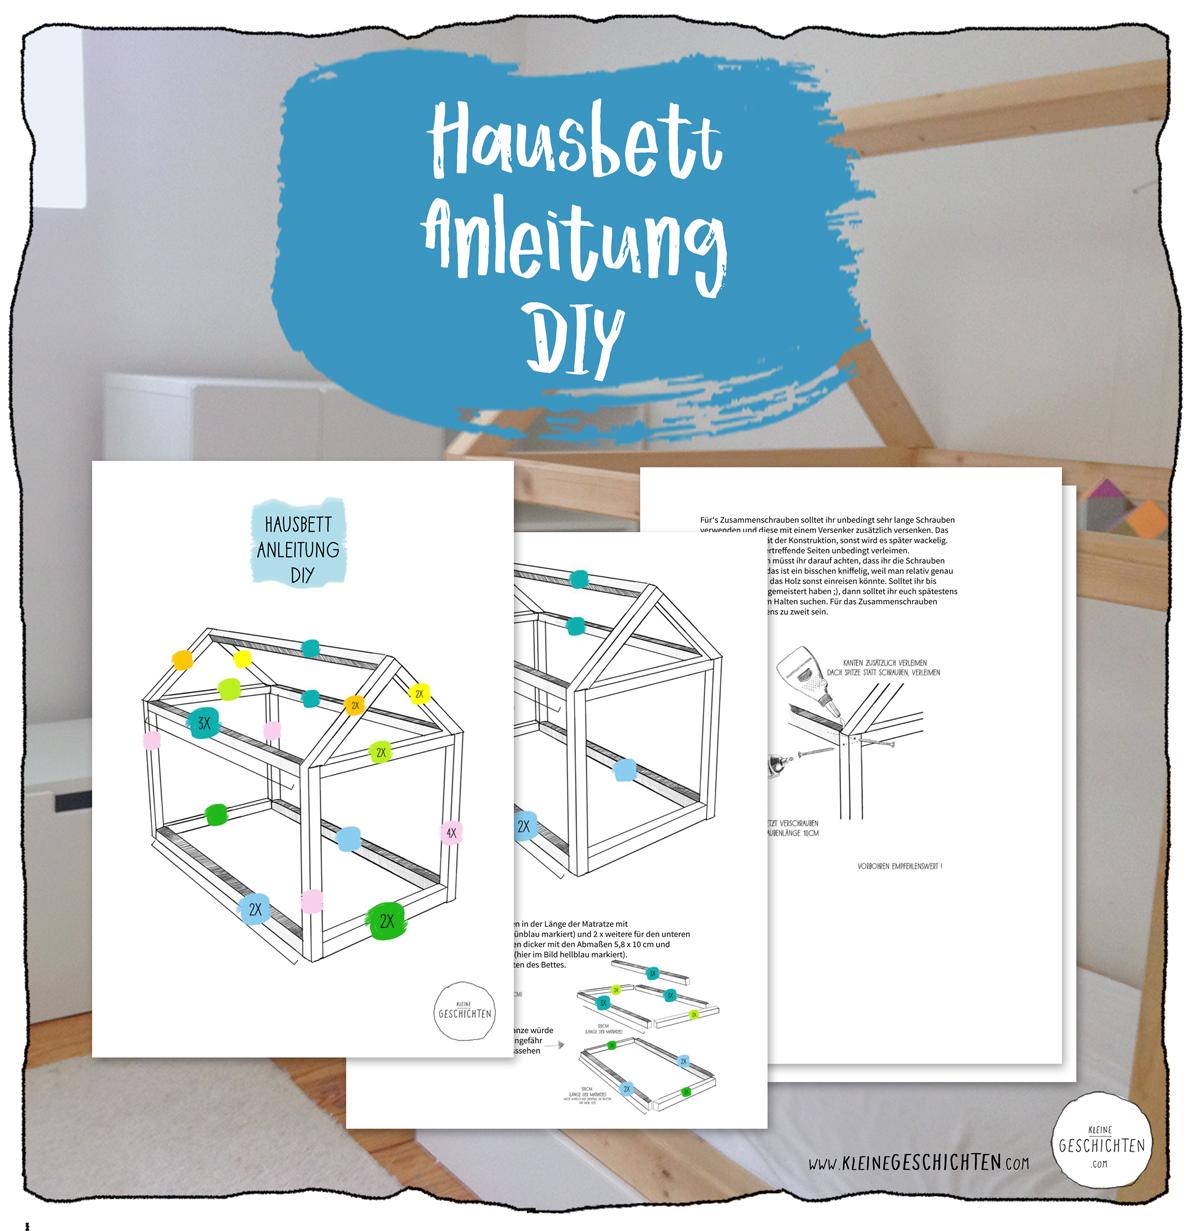 Hausbett-Anleitung-Diy-Kinderbett-Kinder-Hausbett-selbermachen-mit-kostenloser-Anleitung-Kleine-Geschichten